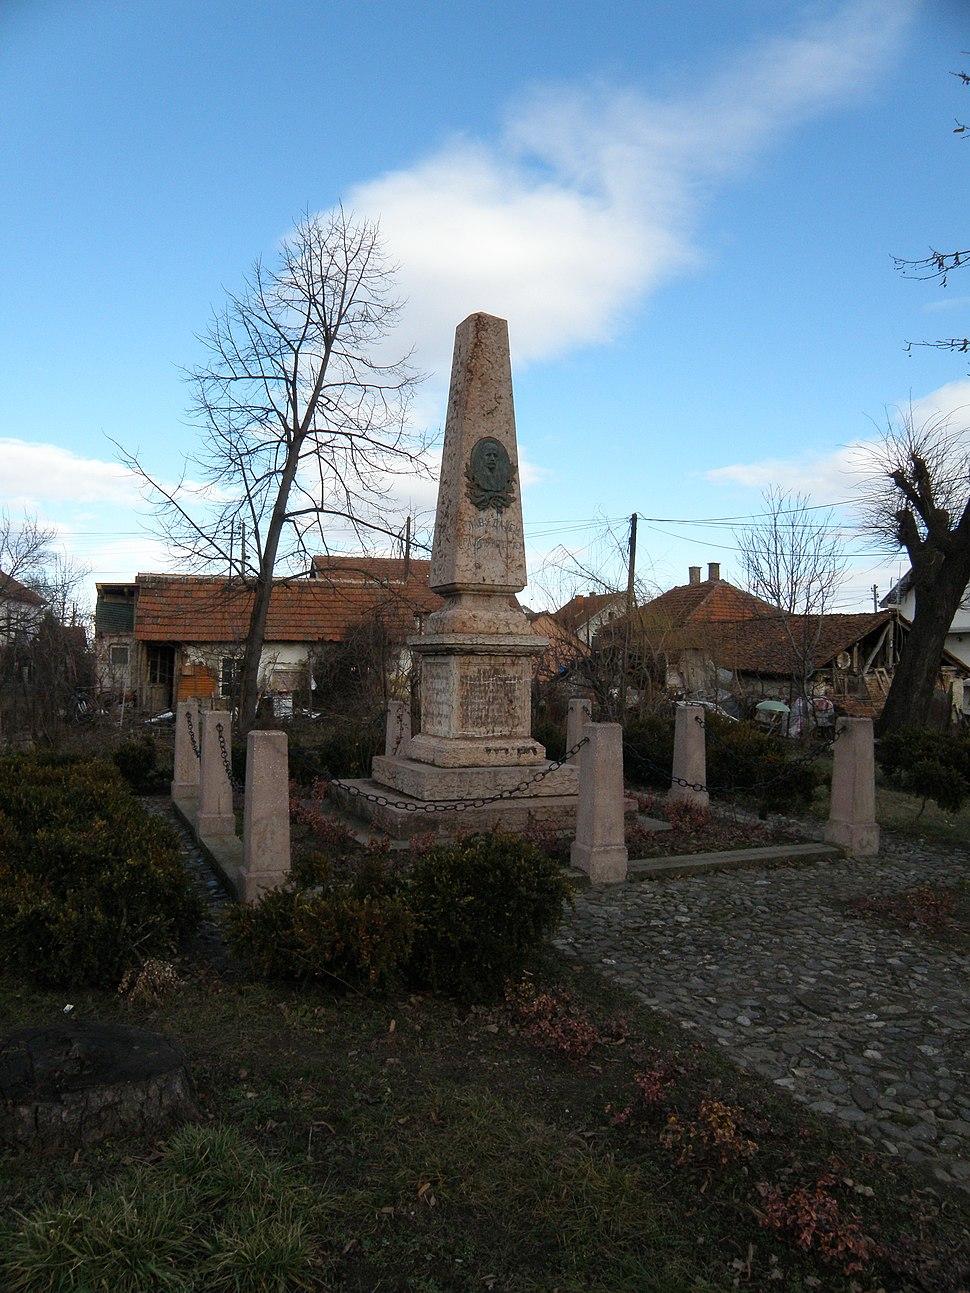 Spomenik na mestu pogibije Hajduk Veljka